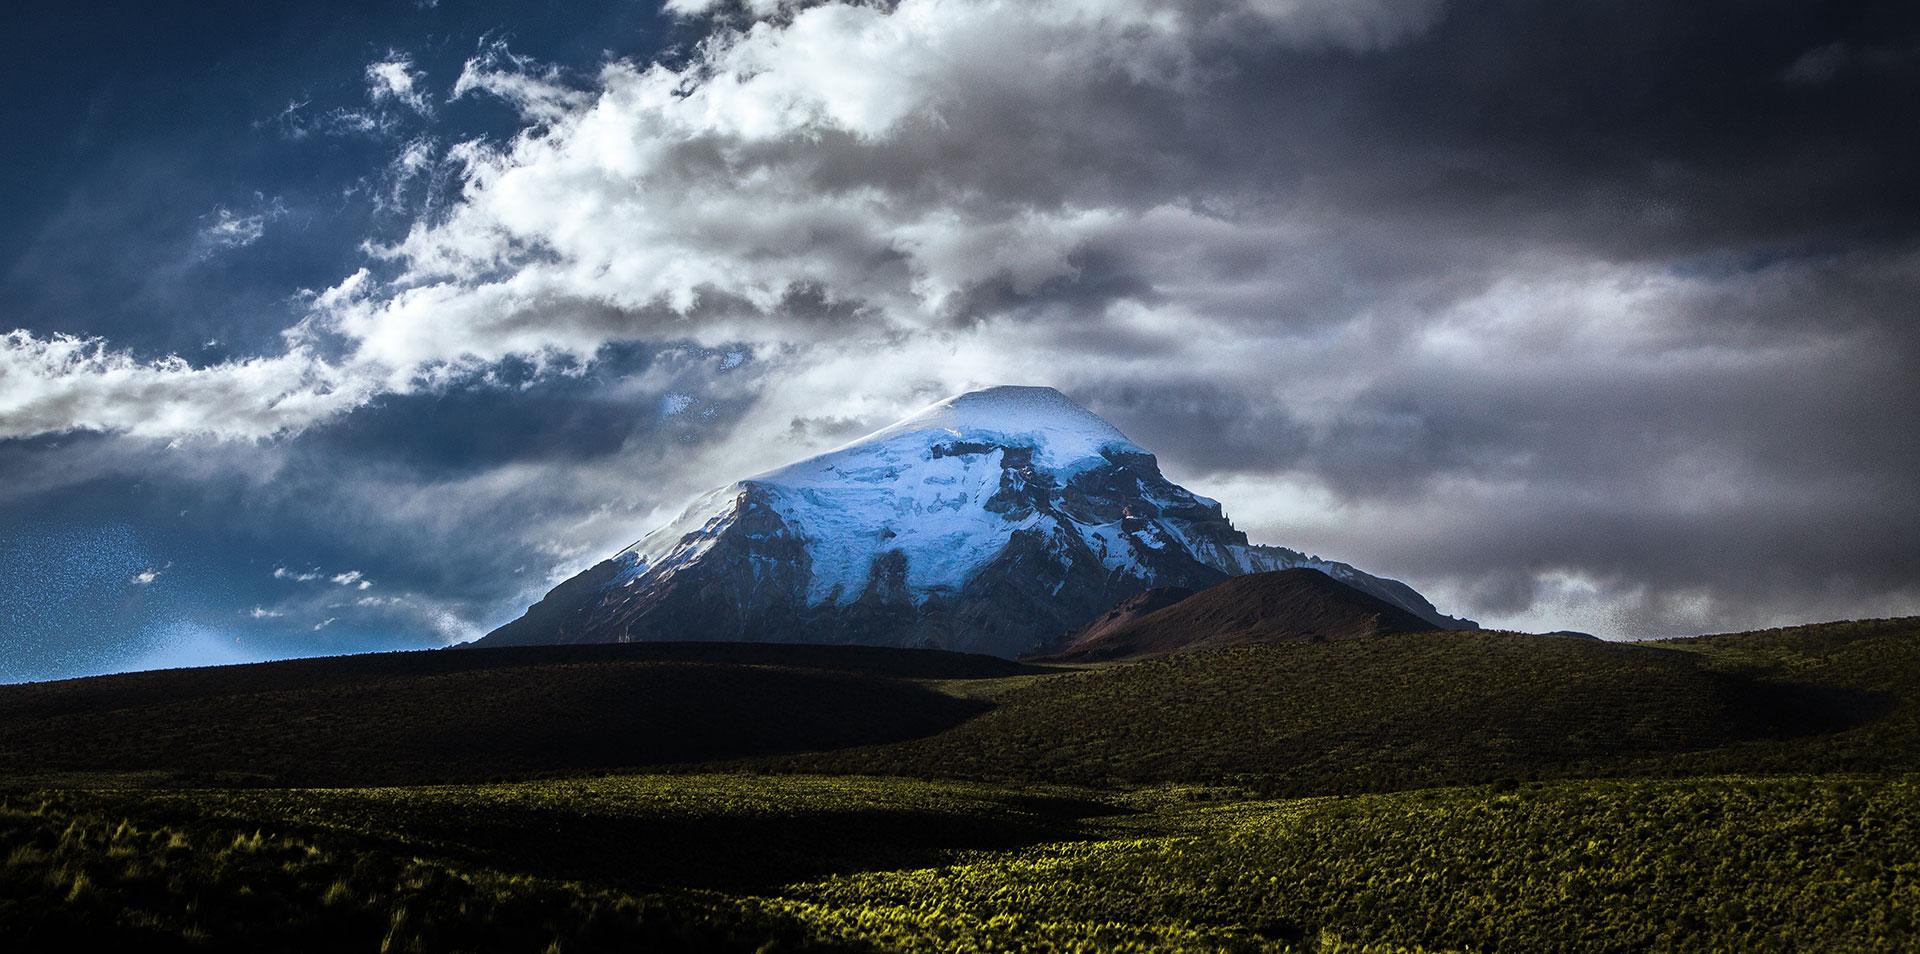 höhster Berg Boliviens